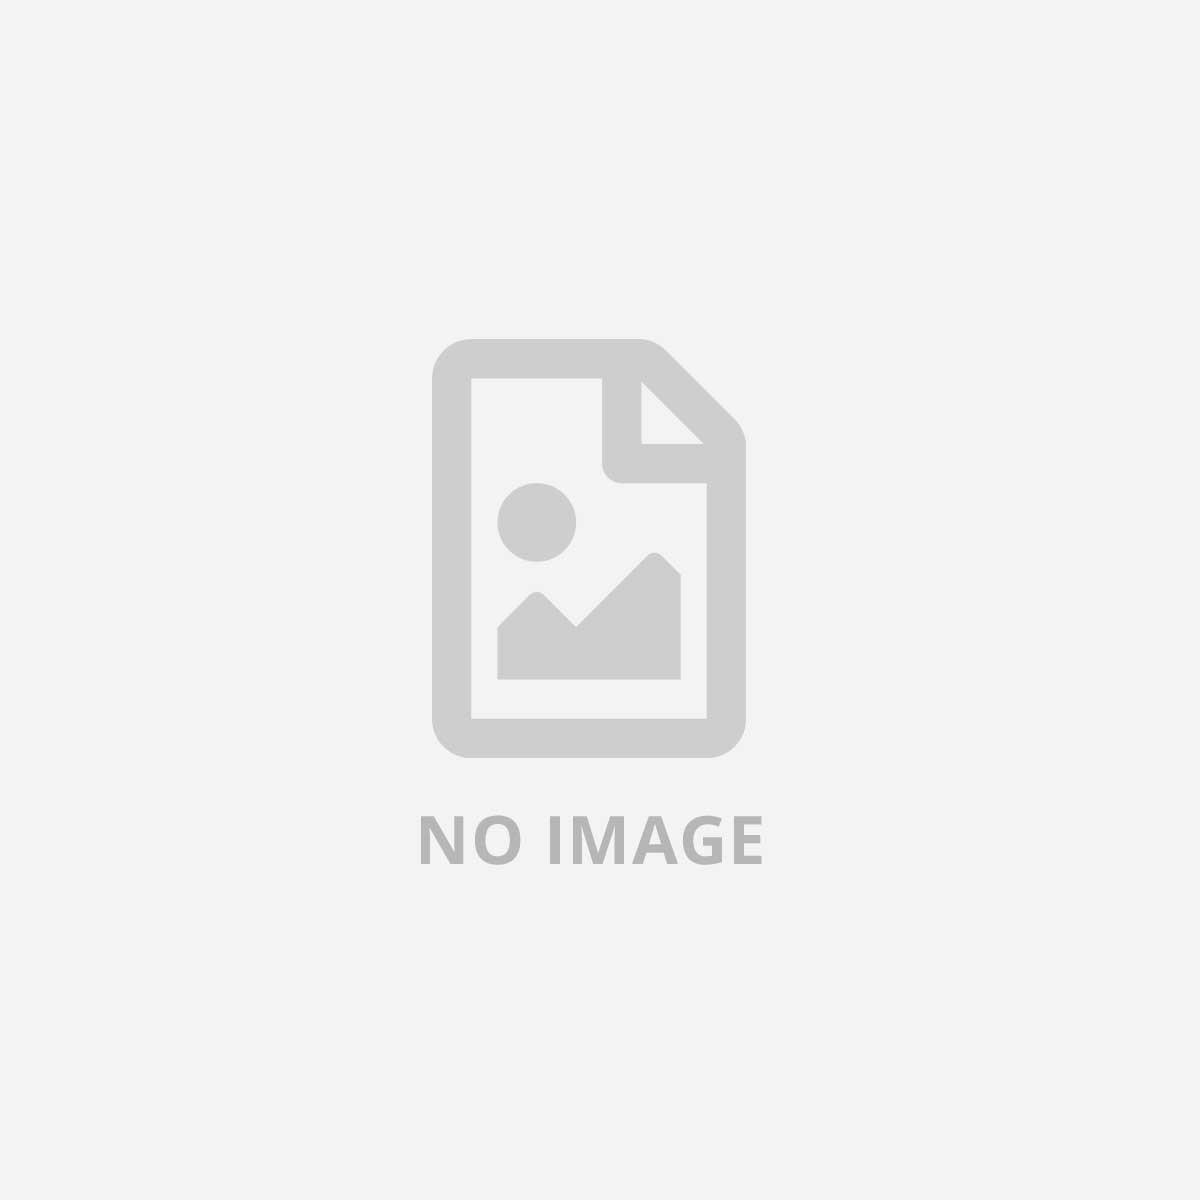 HP 430 G7 SEA 17-10510U 8/512 W10P